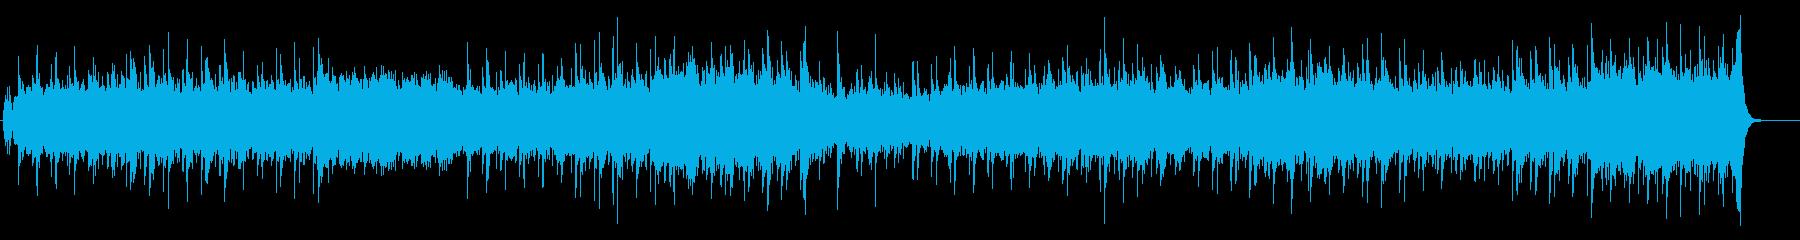 淡々としたワールド・ミュージック風の再生済みの波形